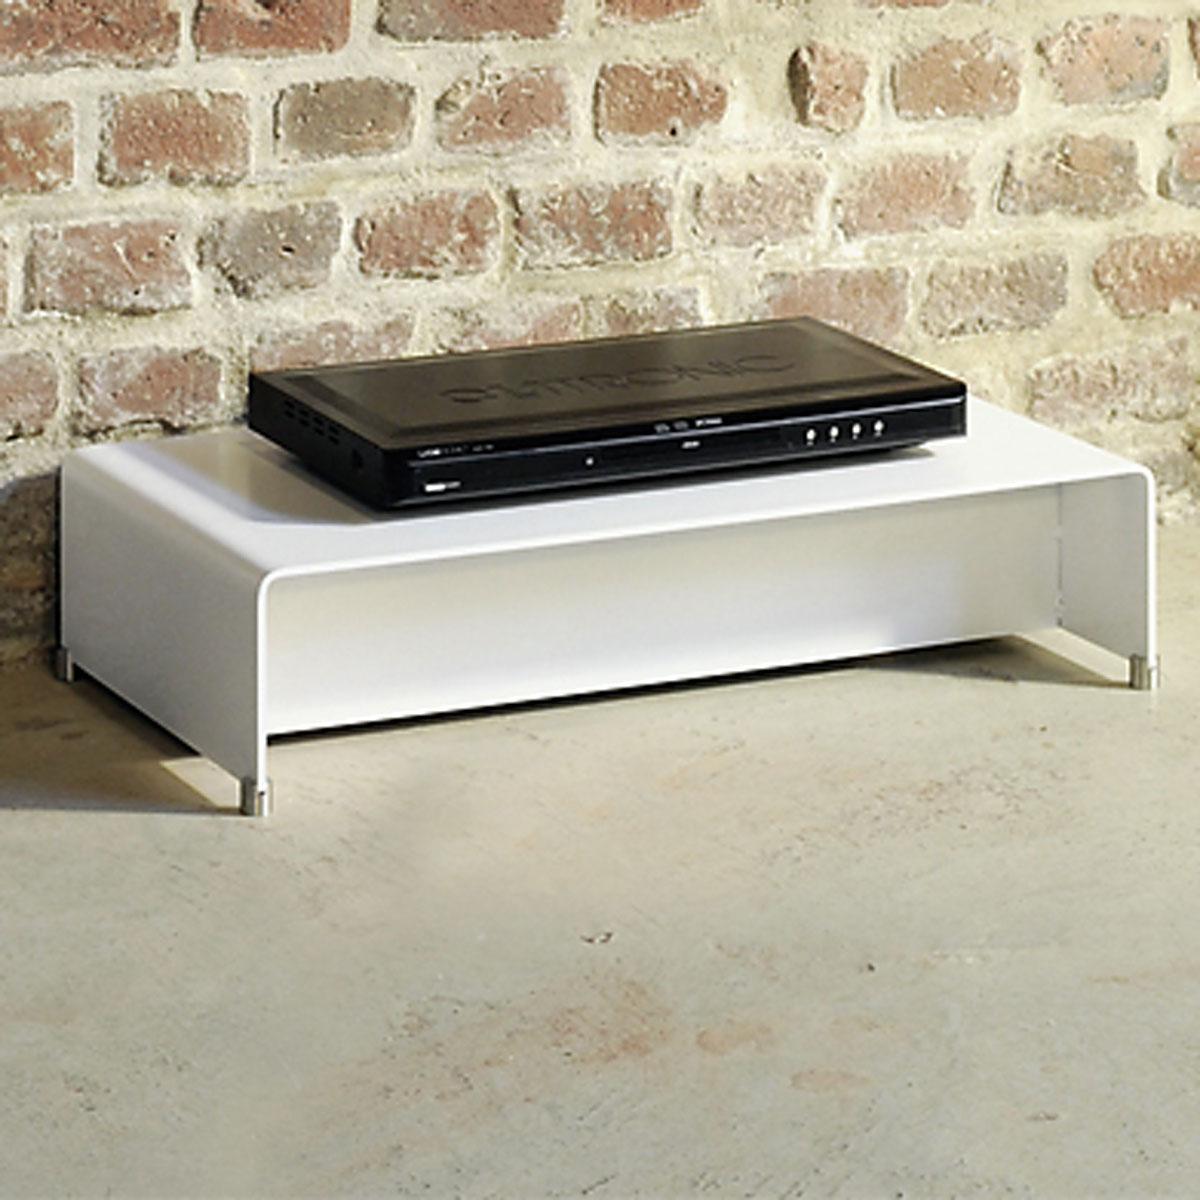 Ablageboard aus Stahl für CD DVD und Bluray Player von Wissmann Raumobjekte.